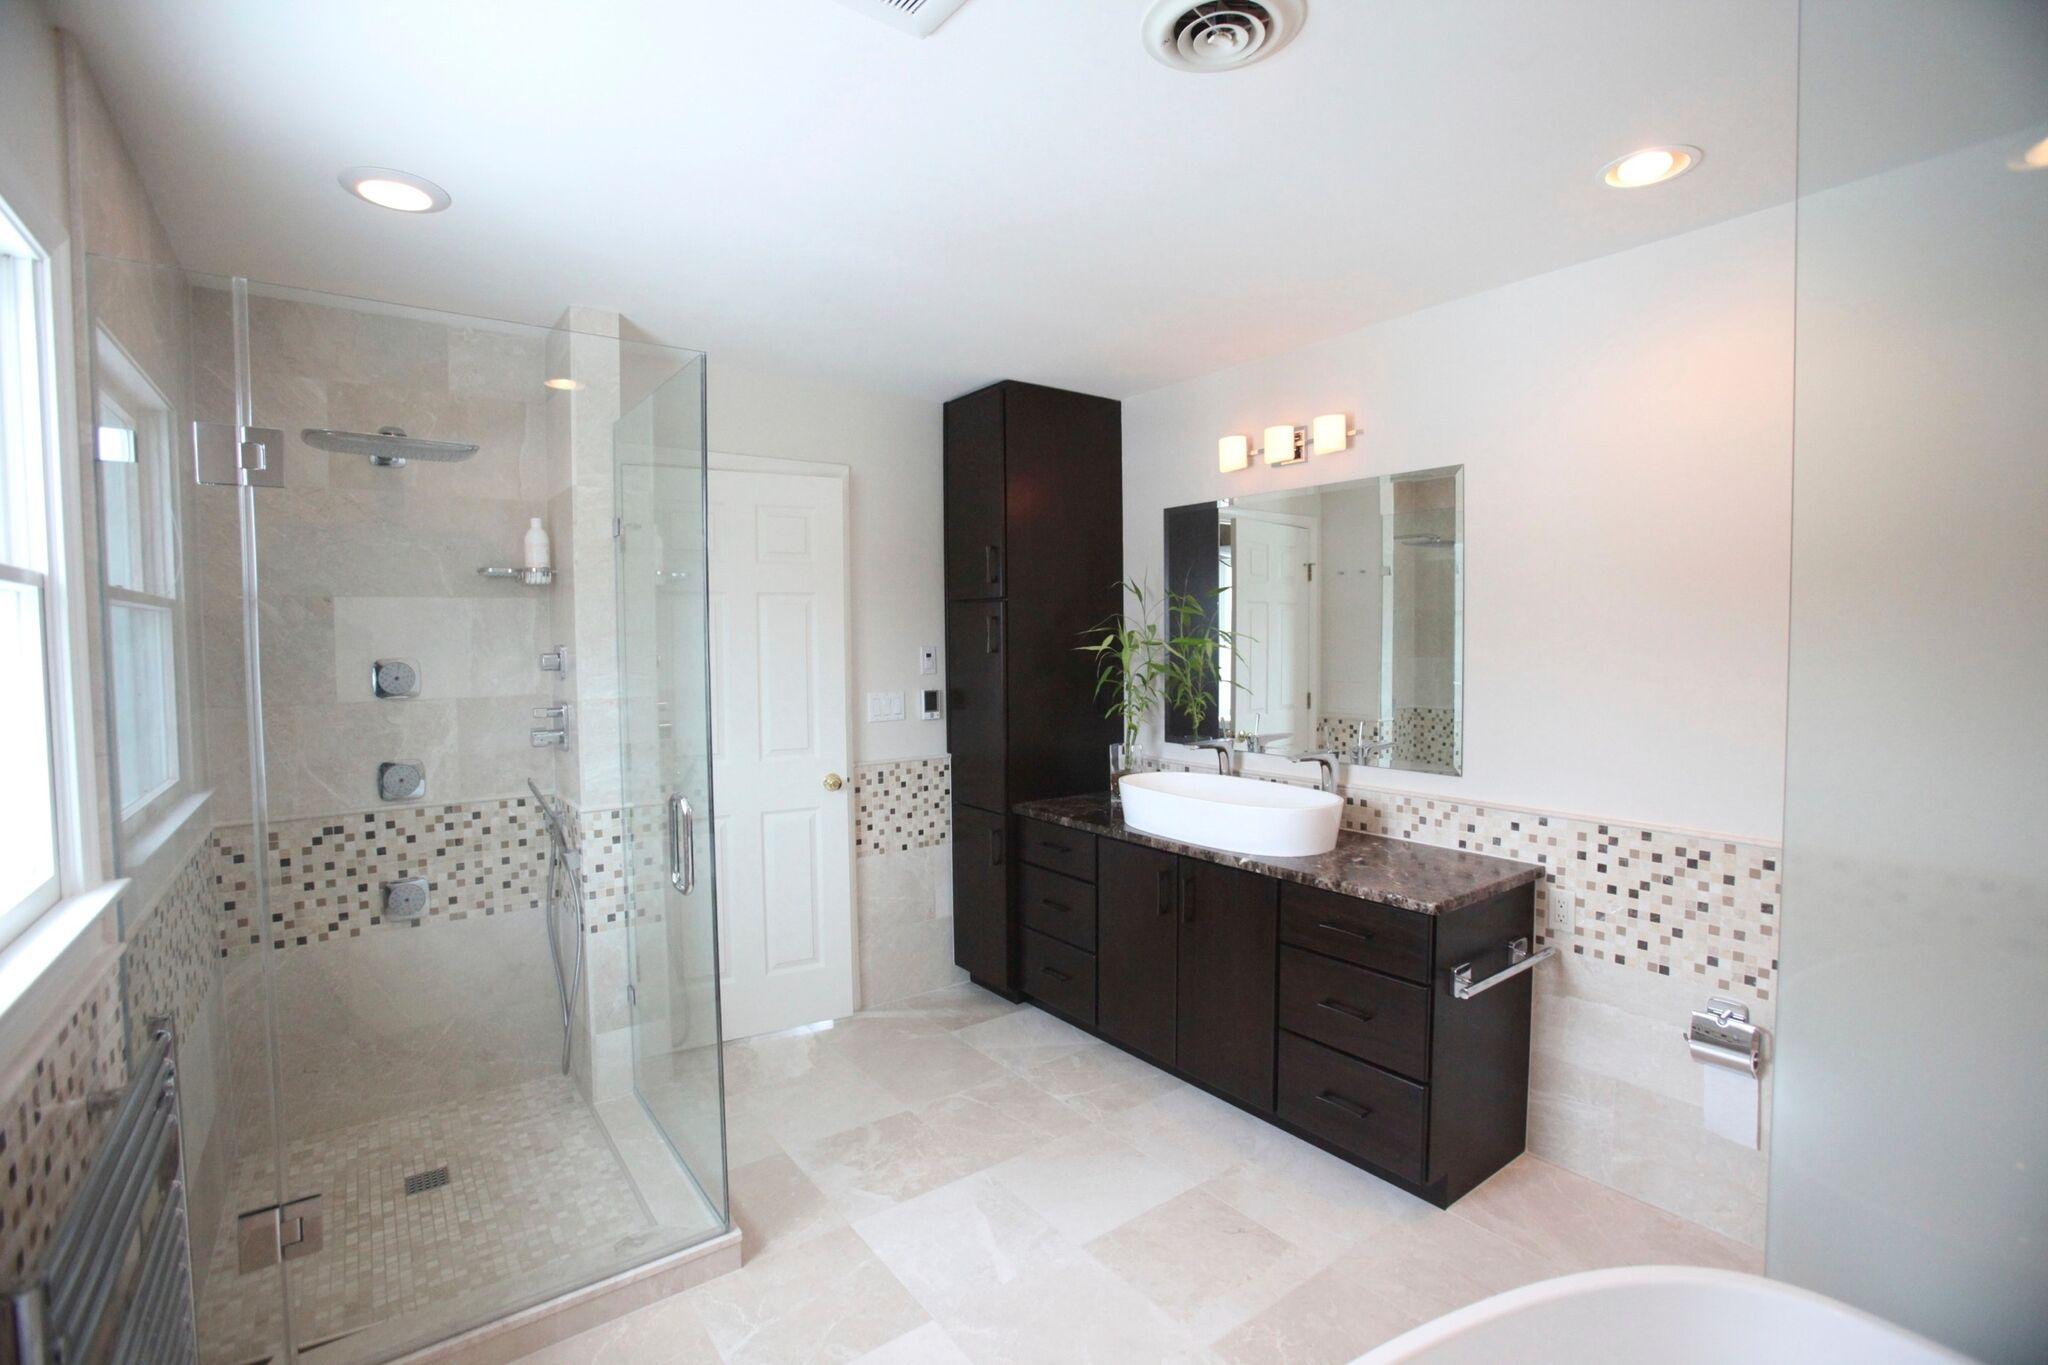 Reifschneider Shower 1 2.9.12-min